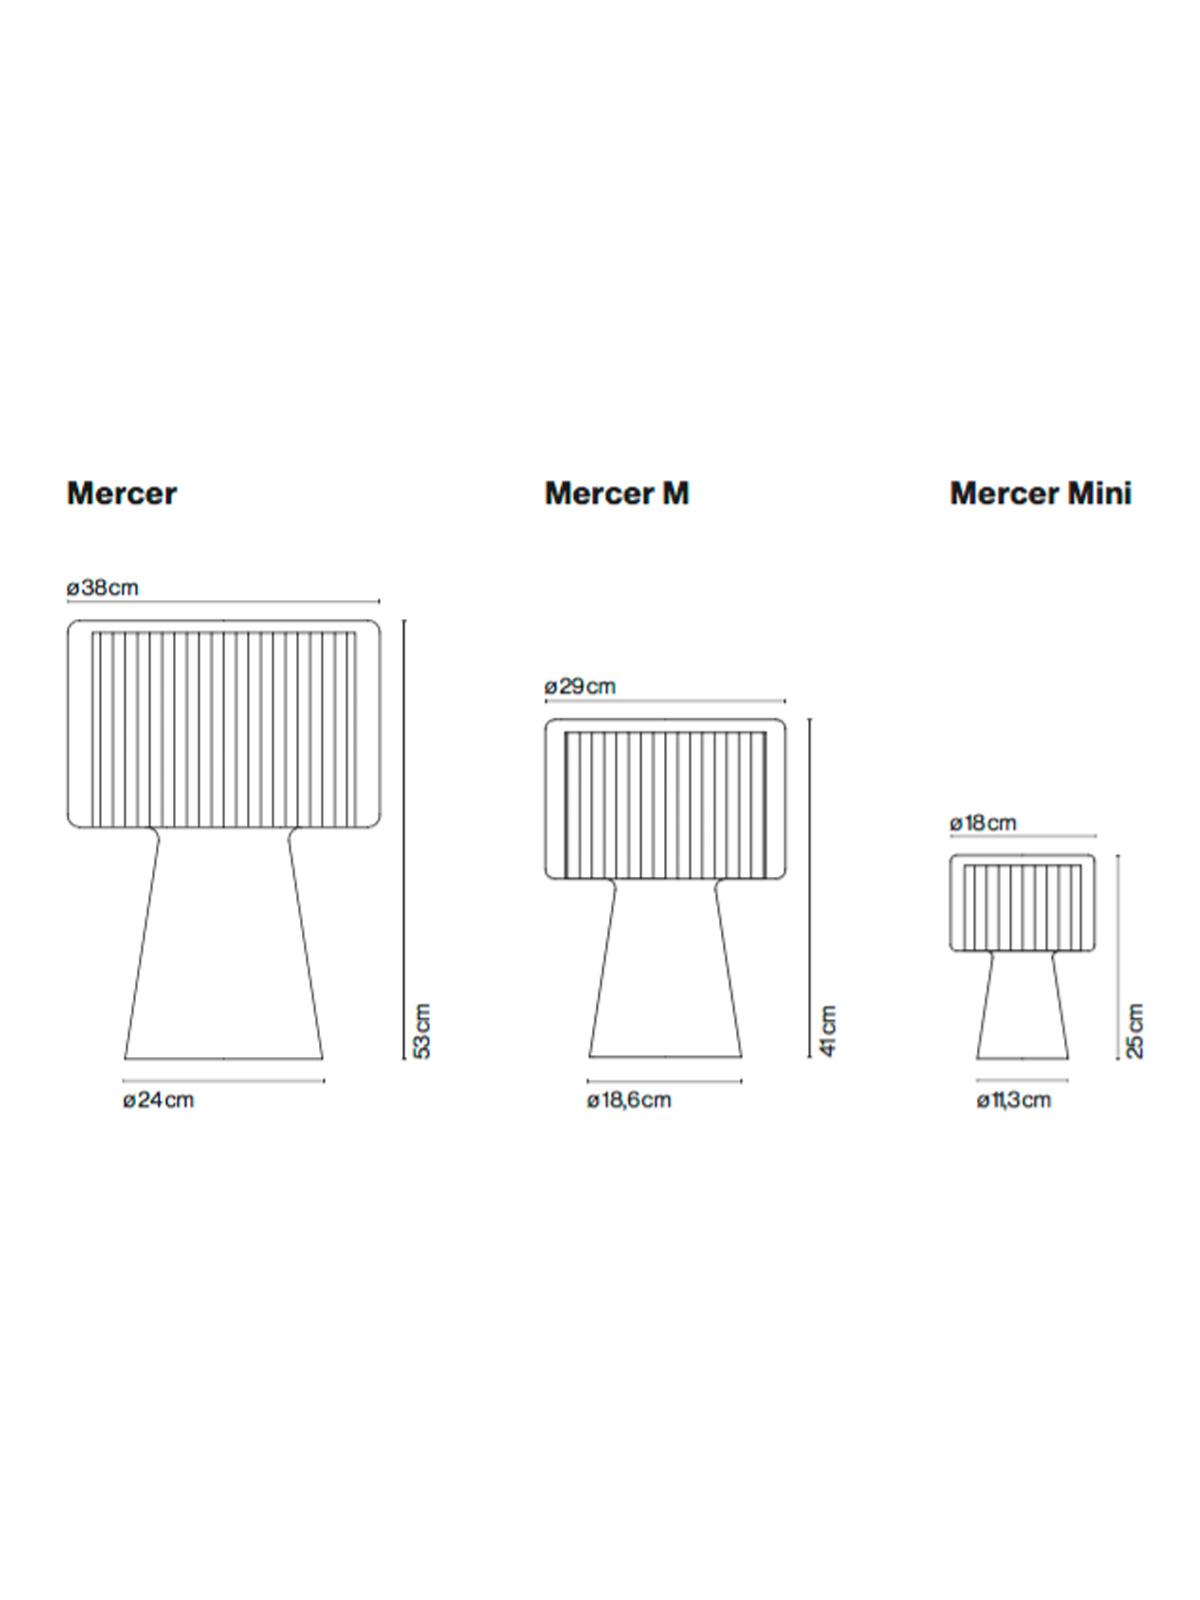 Maße der drei Mercer Tischleuchten